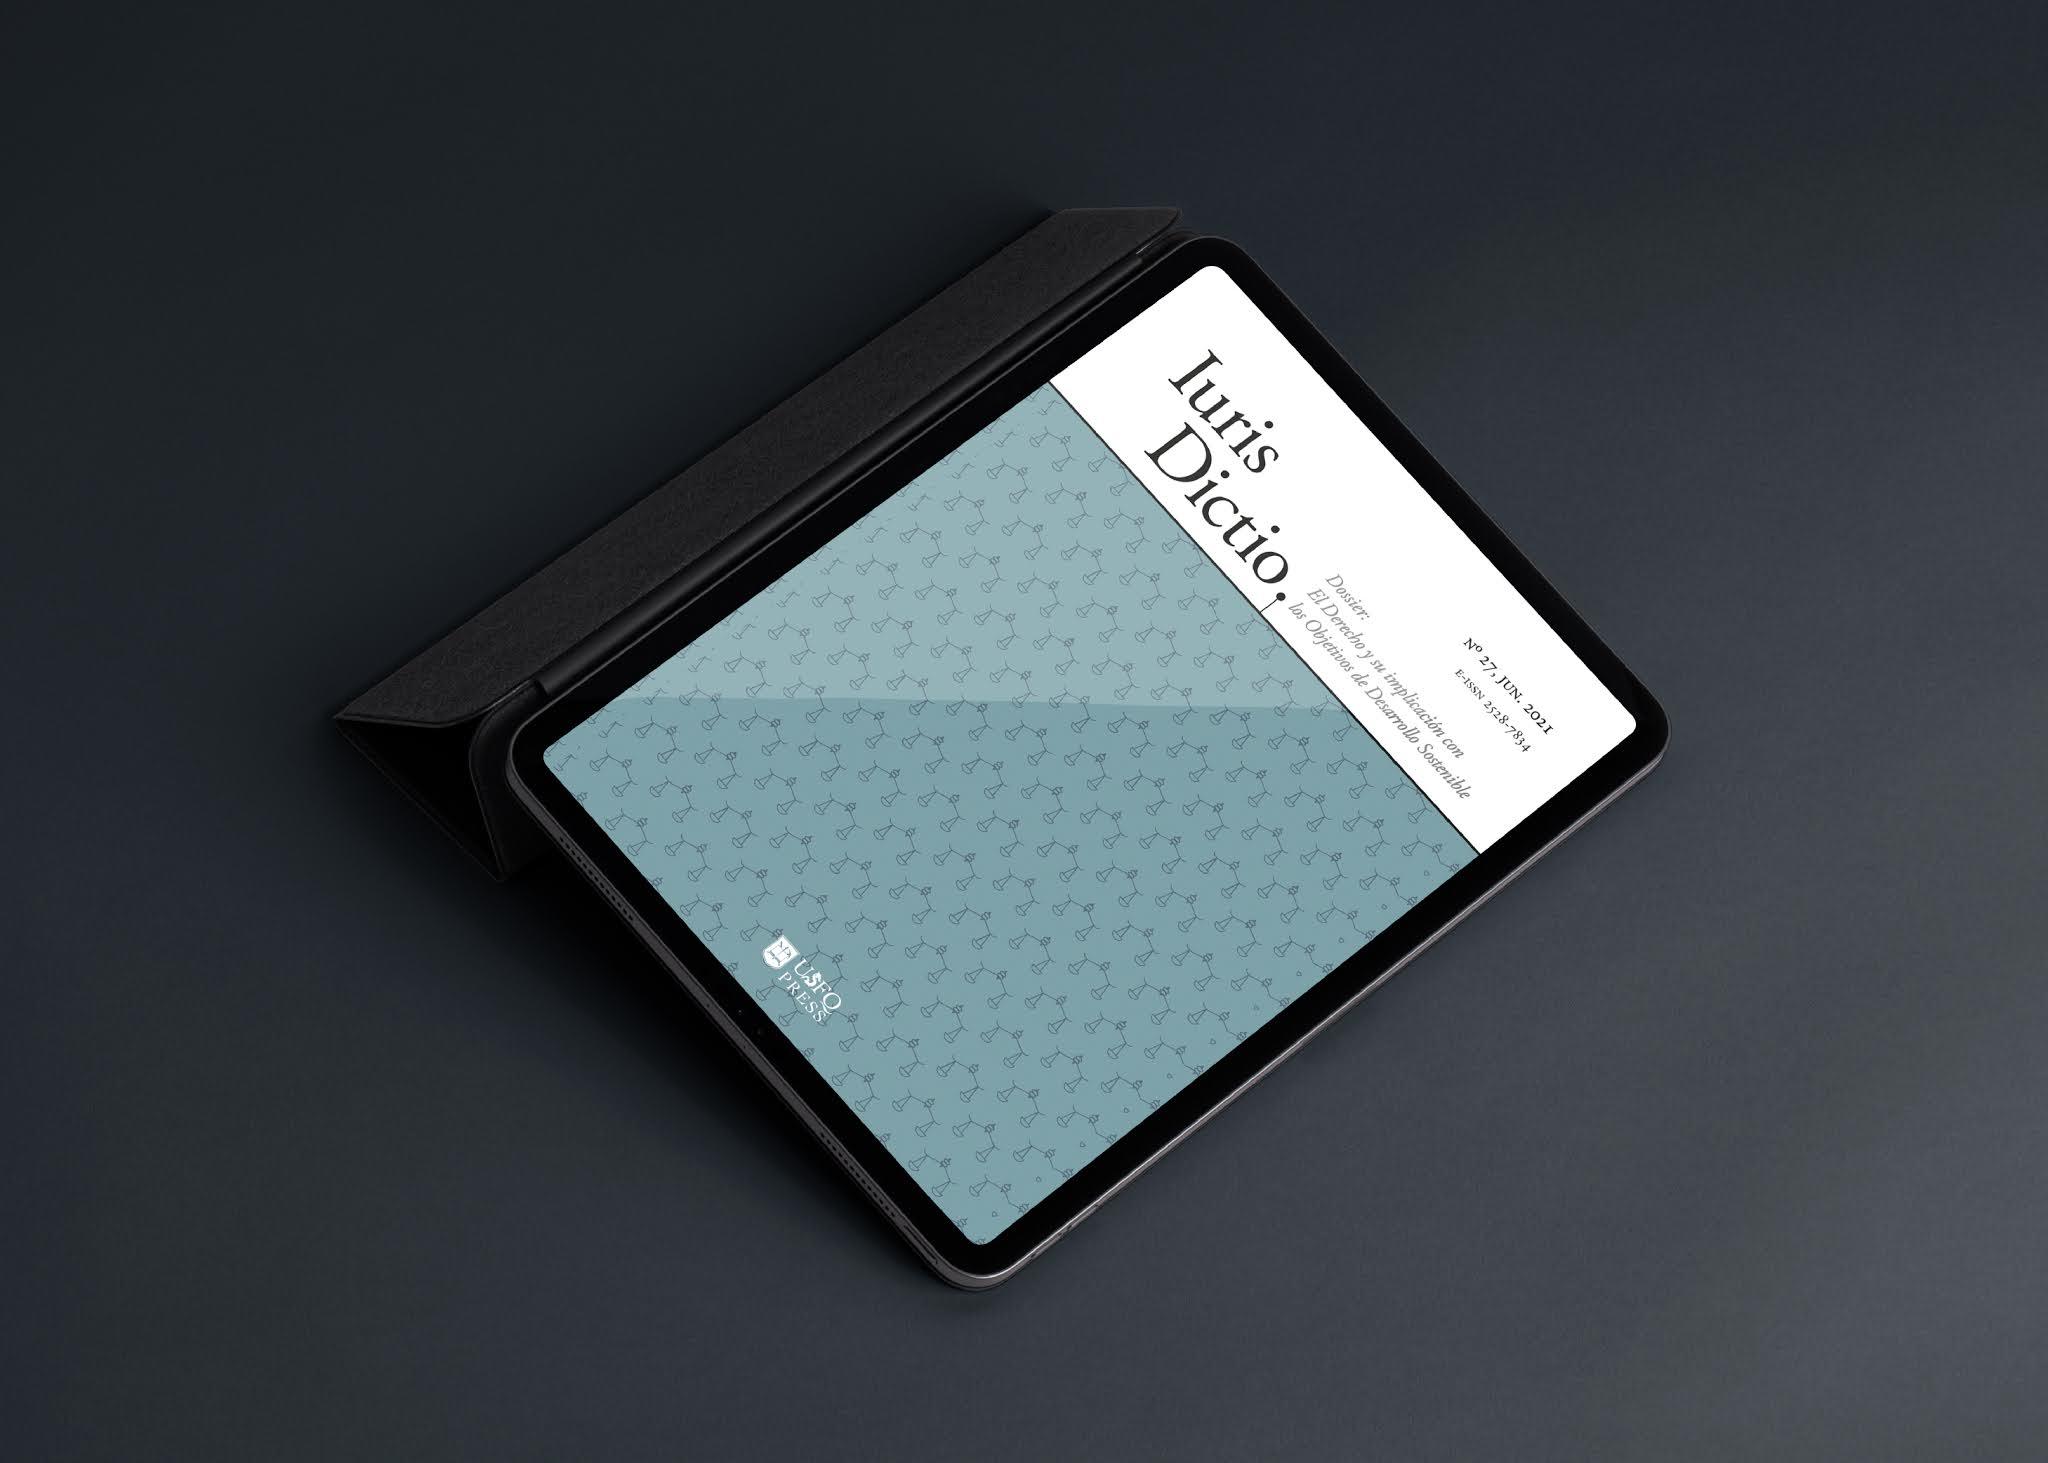 La revista académica Iuris Dictio presenta su nuevo volumen